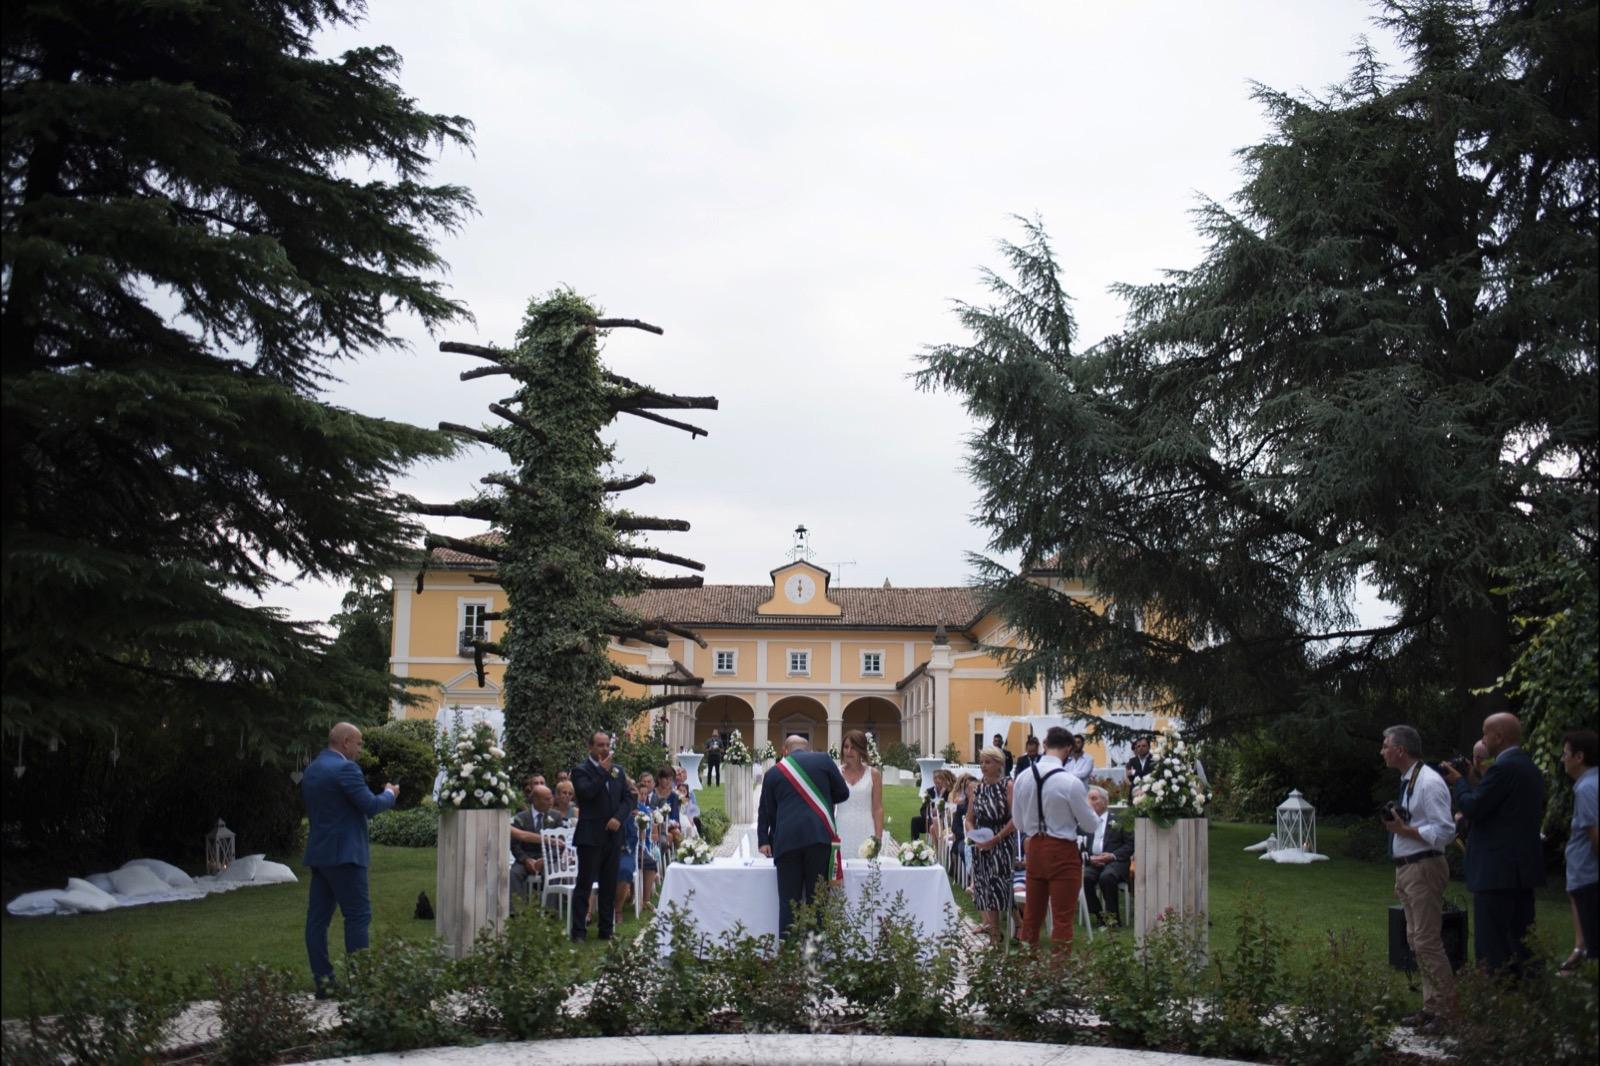 Matrimonio Civile Antica Tenuta Pegazzera - Location per matrimoni colline Oltrepò Pavese Casteggio Pavia